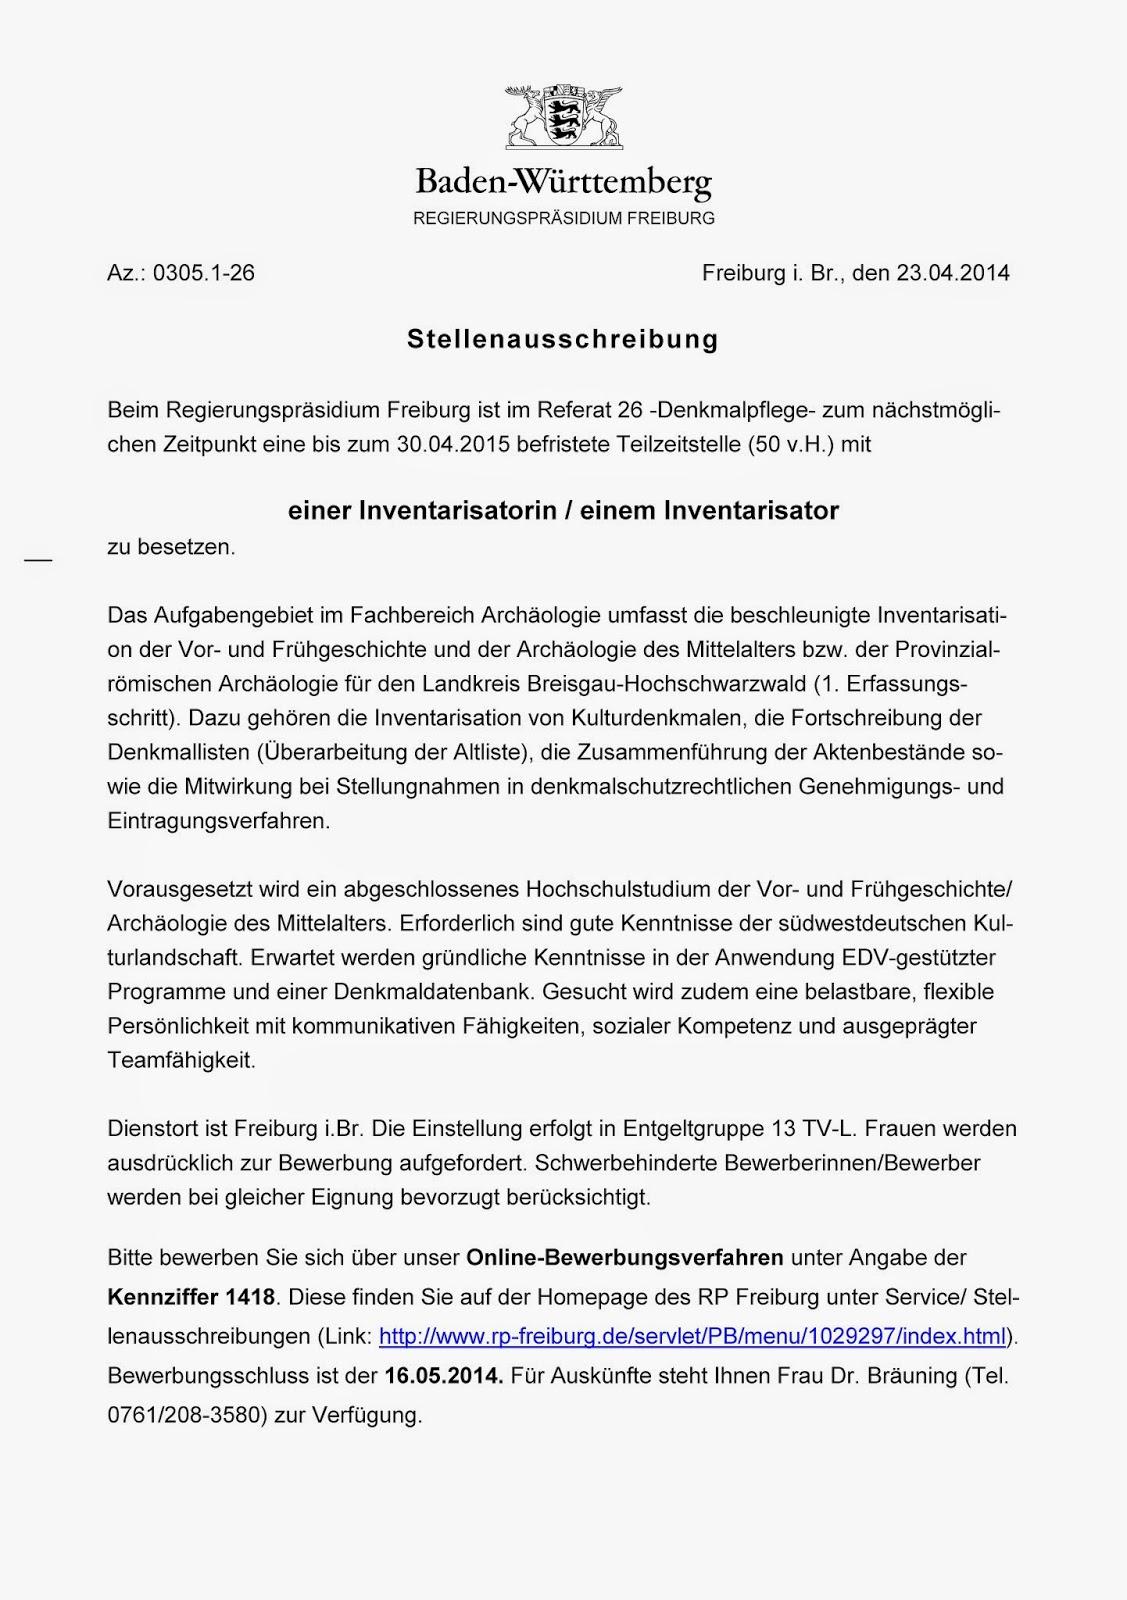 Förderverein Bamberger Denkmalpfleger e.V.: Stellenausschreibung 6